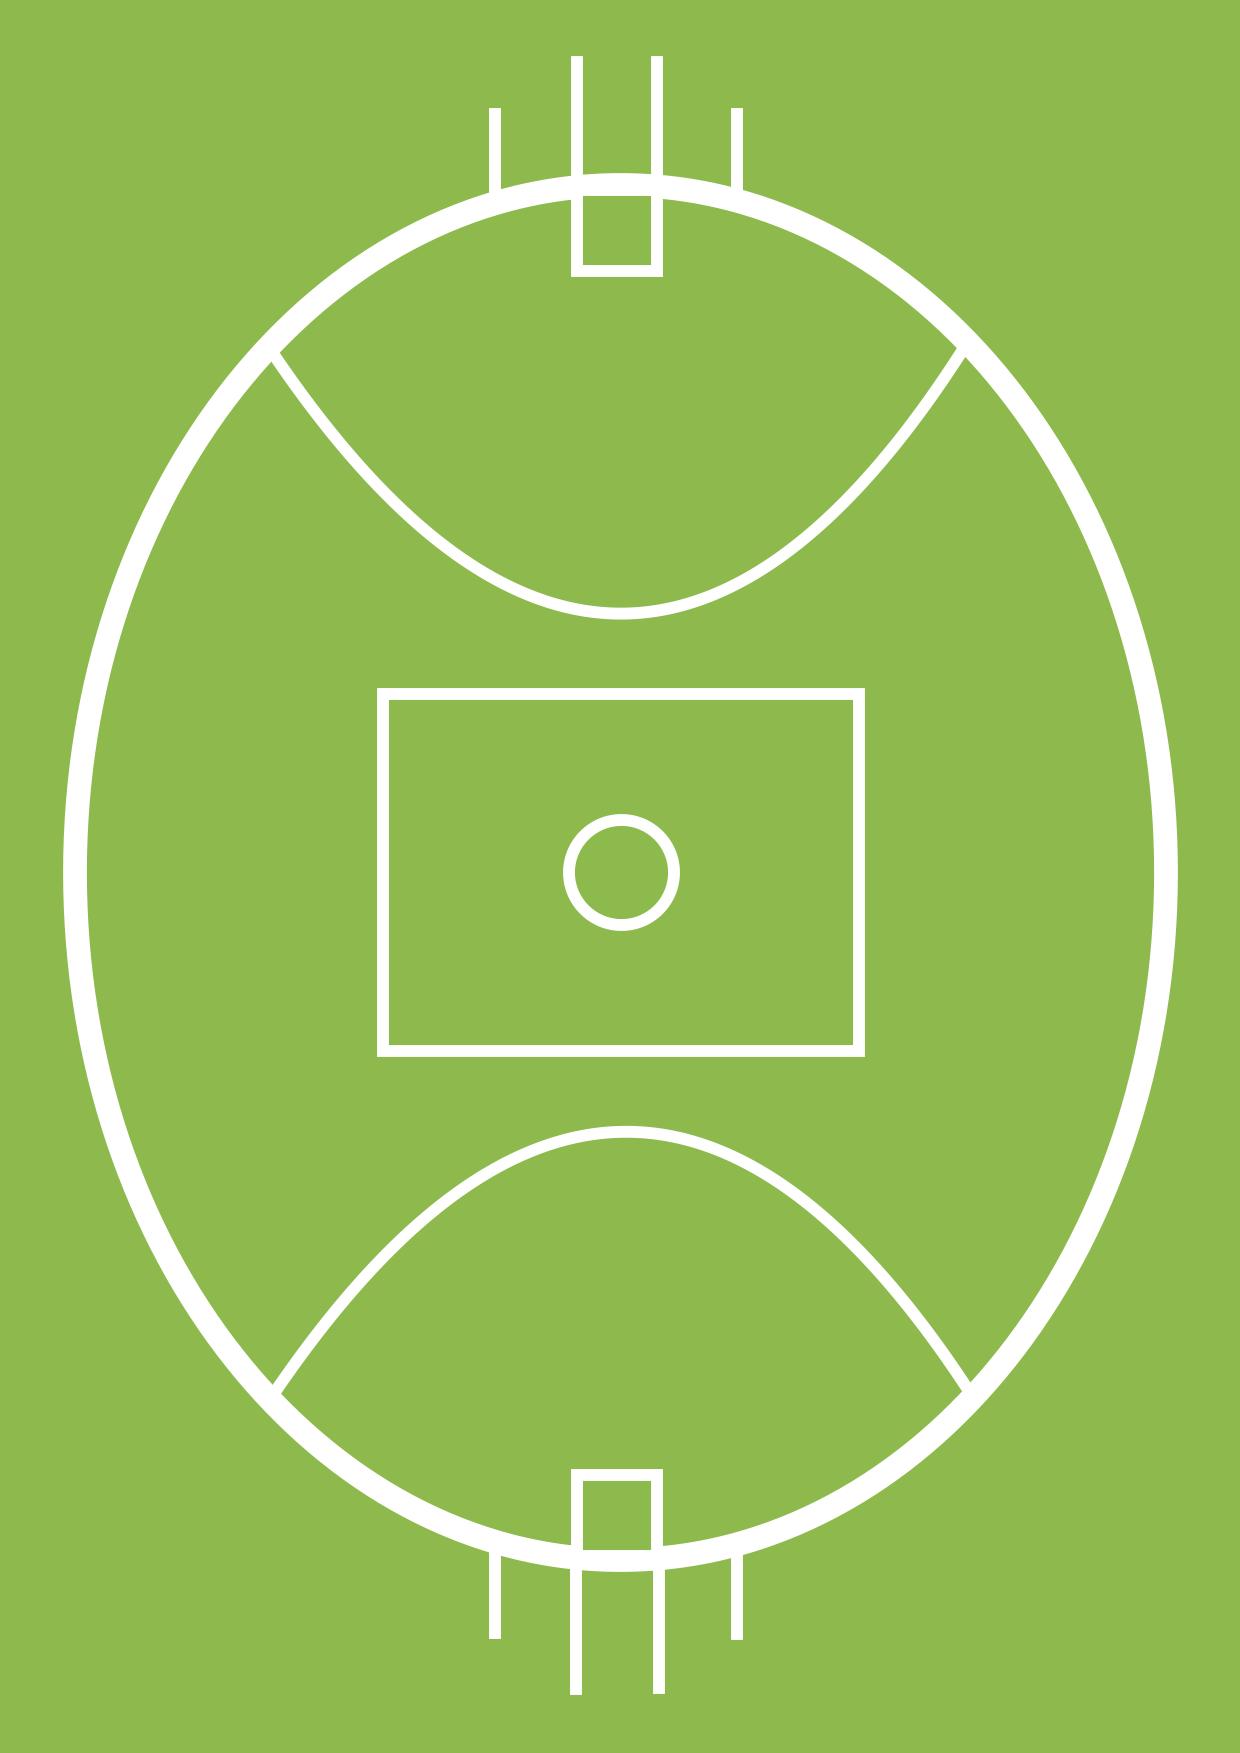 Blank Football Field  Free Download Best Blank Football Field On With Blank Football Field Template